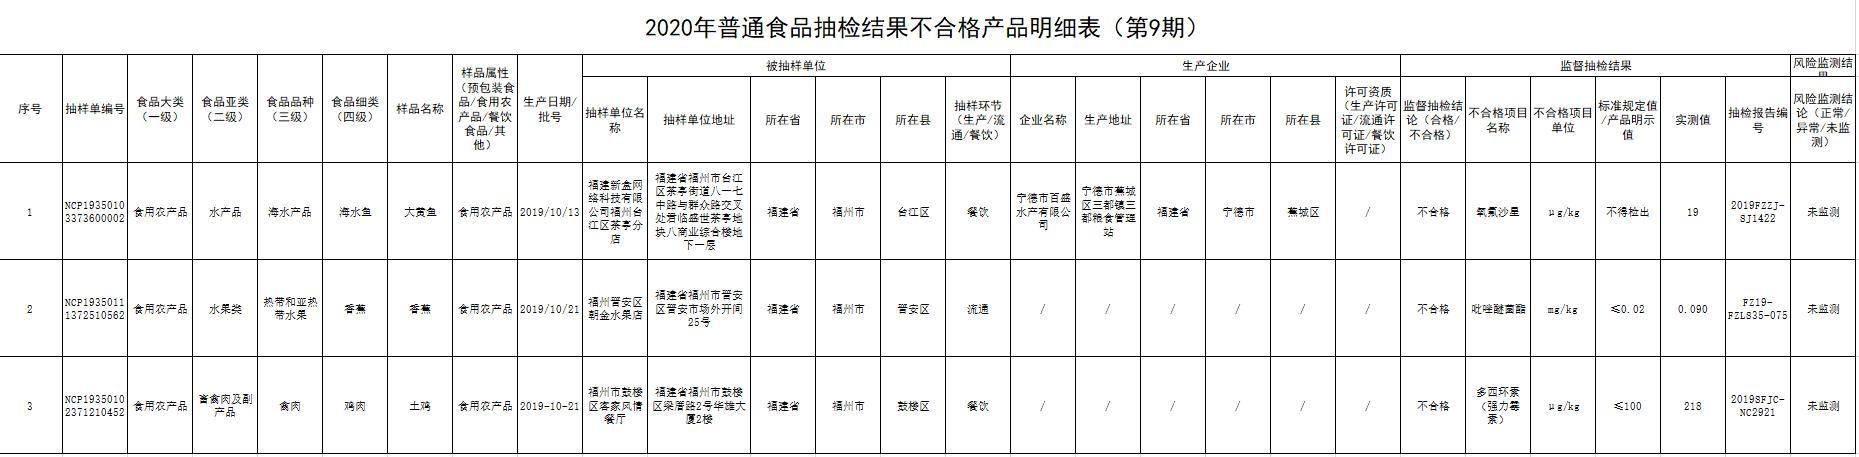 首发!福州市市场监督管理局发布2020年第9期食品安全监督抽检信息